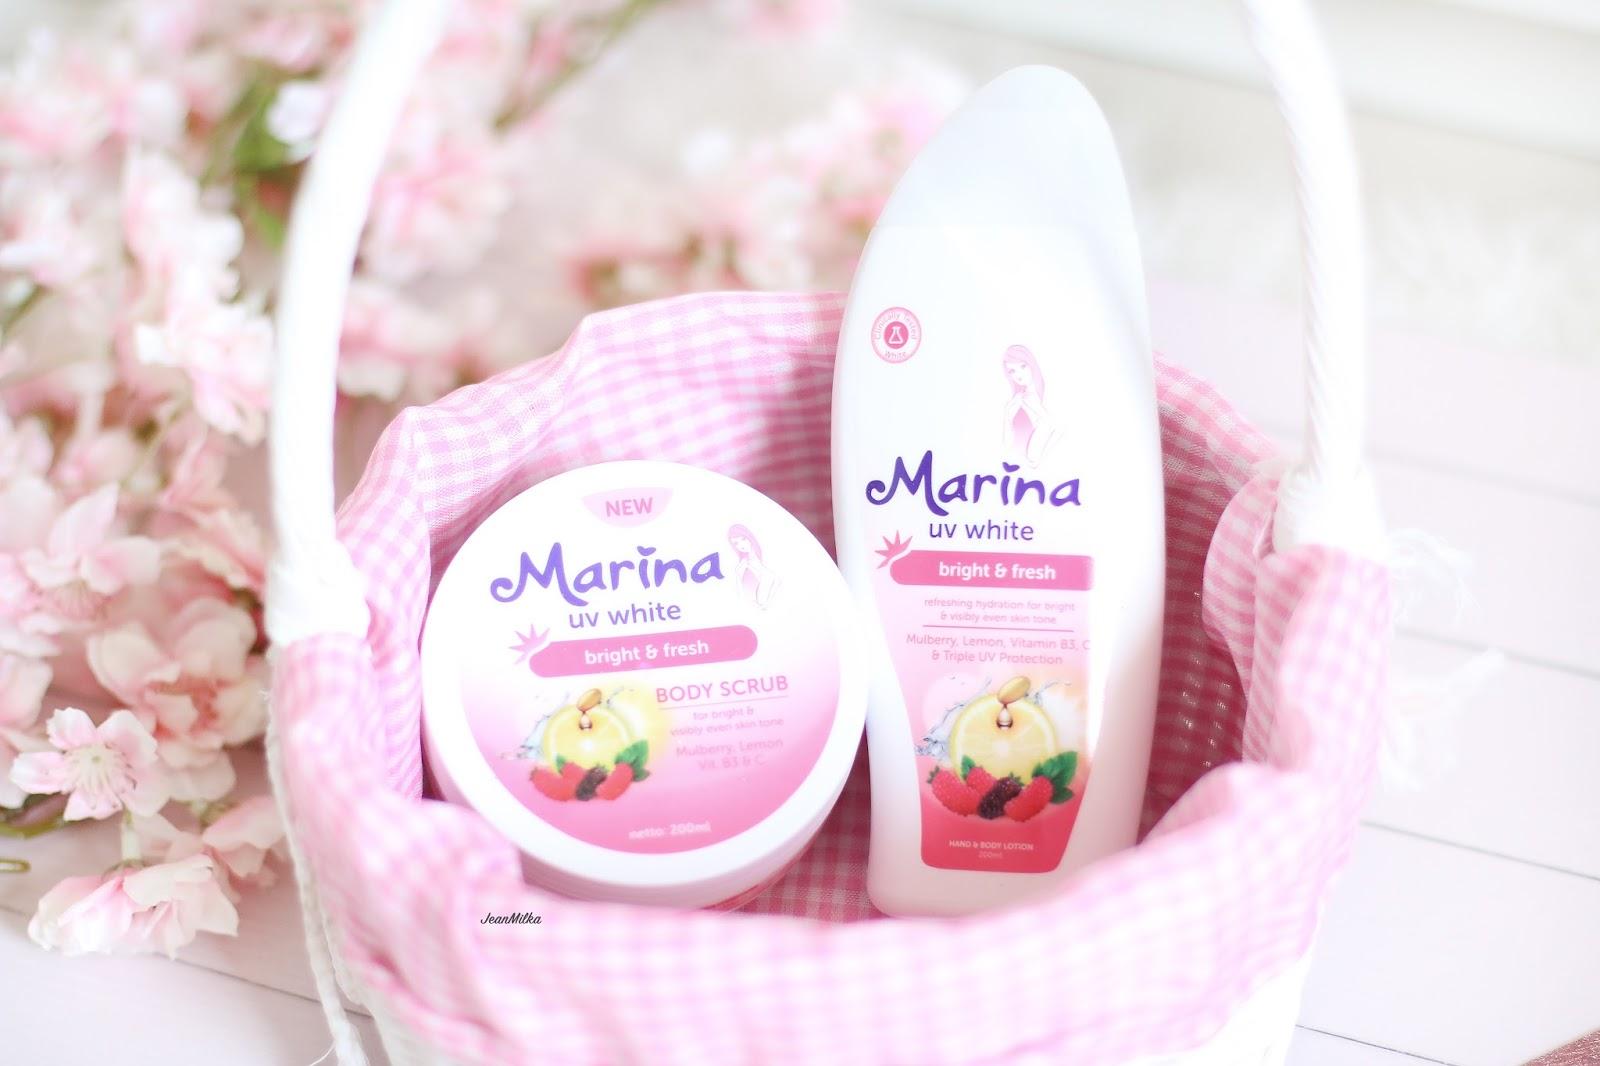 marina, marina body scrub, marina body lotion, review, product review, marina lotion, marina scrub, kulit mulus cerah, body care